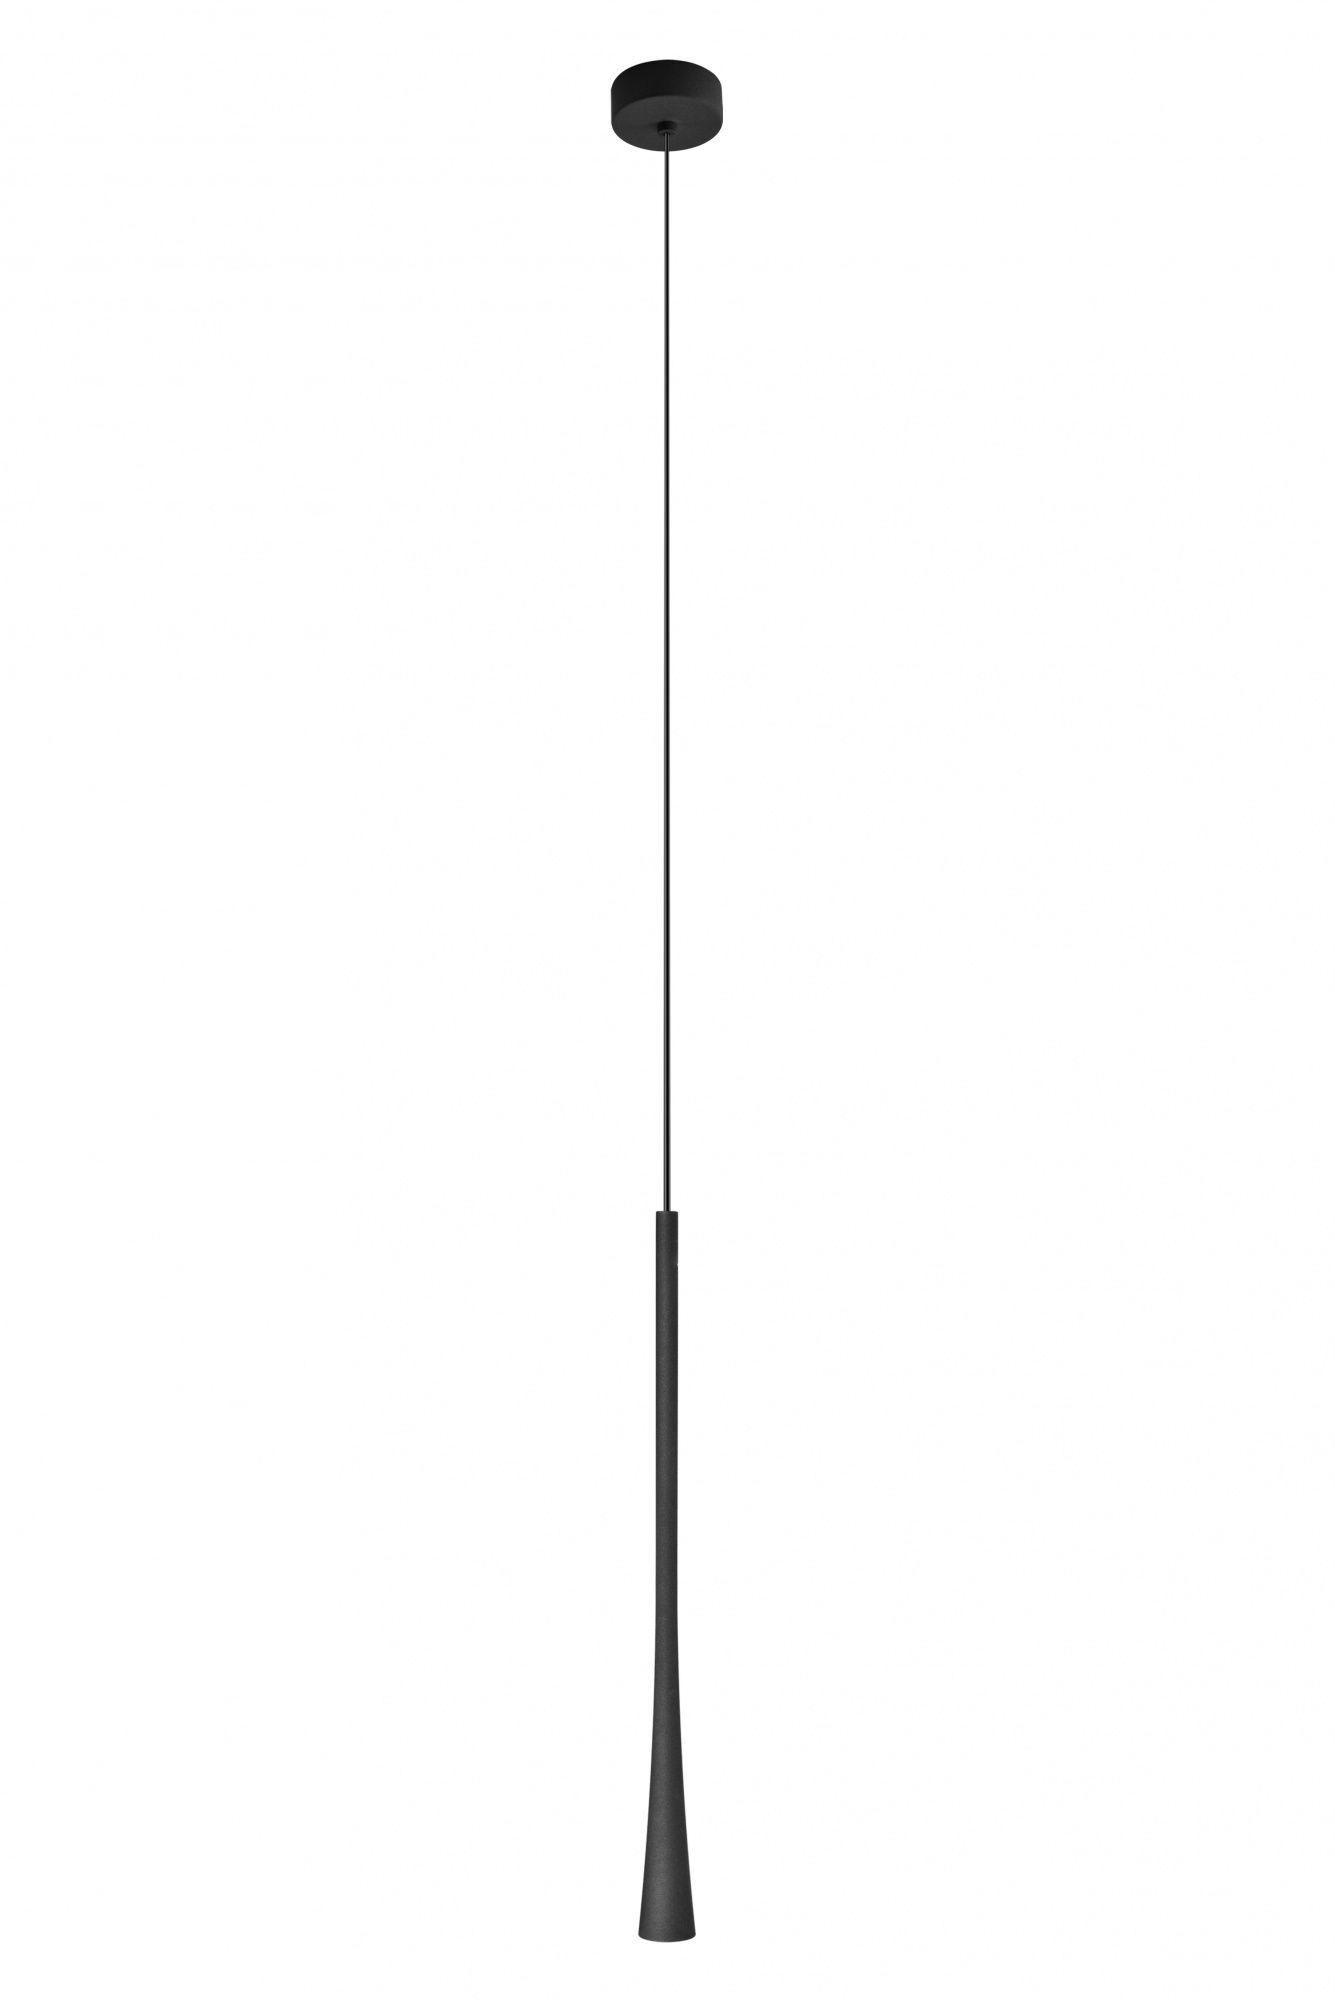 Lampa wisząca podłużna Enza 456627 Oxyled nowoczesna cienka lampa wisząca czarna